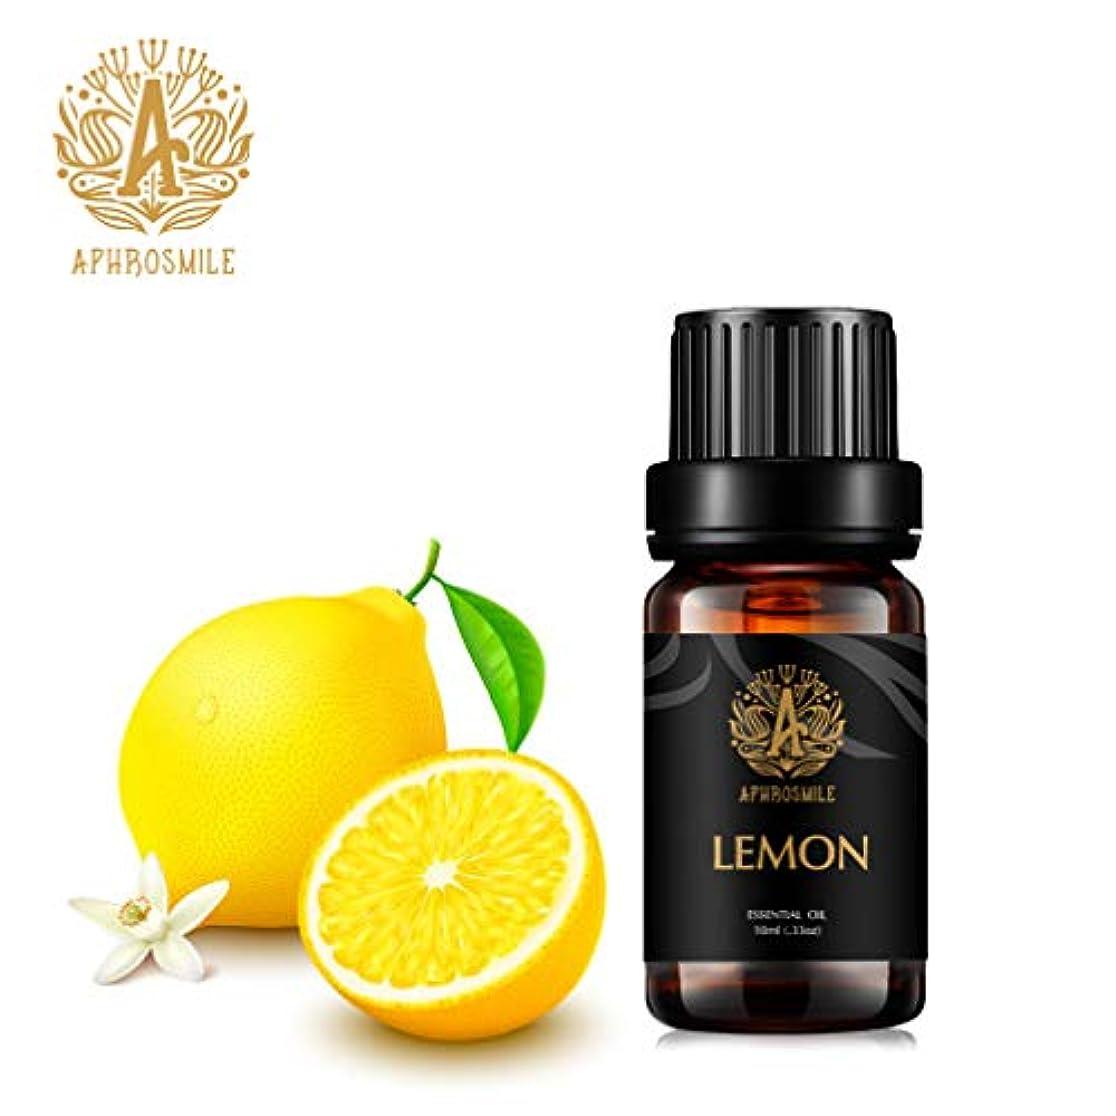 ナプキン傷つける頑固なレモン精油、100%純粋なアロマセラピーエッセンシャルオイルレモンの香り、クレンジングとし、空気を浄化します、治療用グレードエッセンシャルオイルレモンの香り為にディフューザー、マッサージ、加湿器、デイリーケア、0.33オンス...